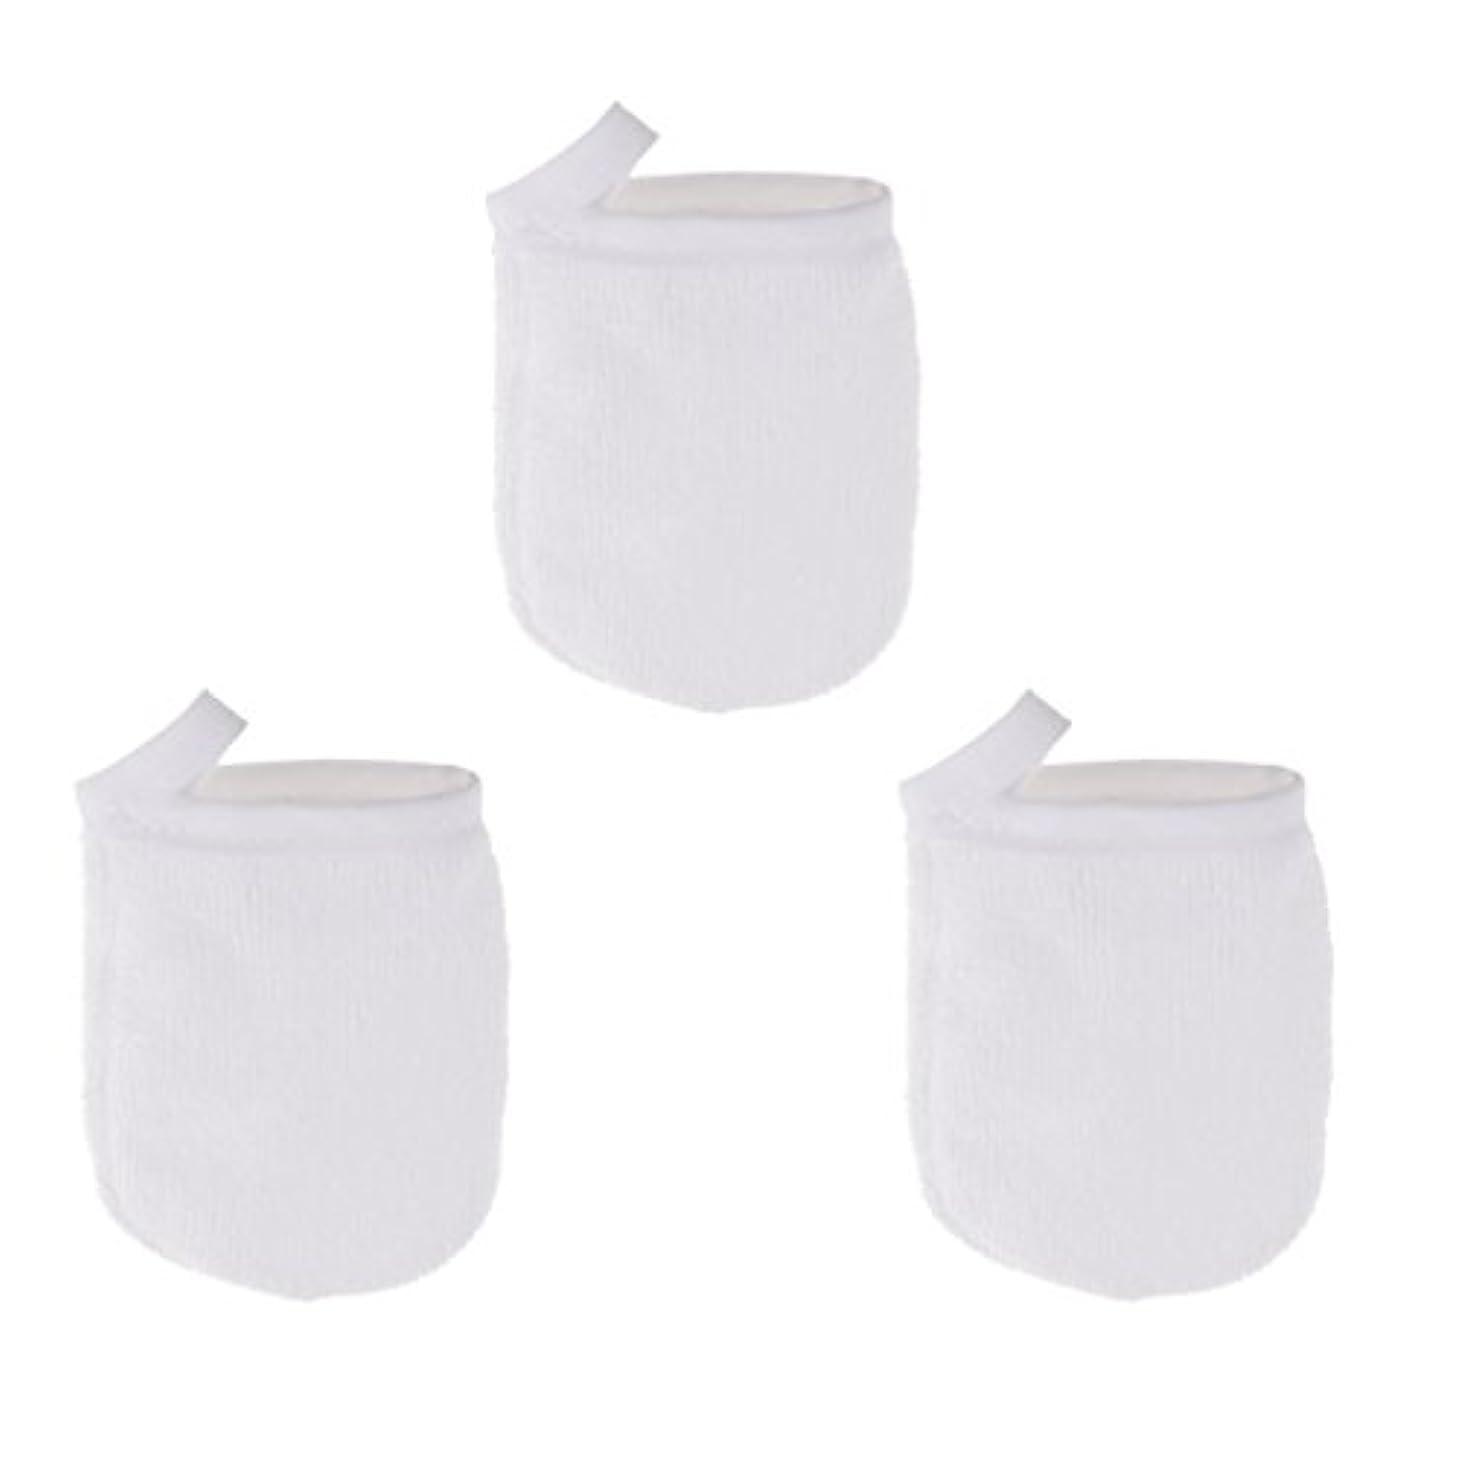 変装したラッドヤードキップリング神社ソフト フェイスクレンジンググローブ メイクリムーバー クロスパッド 3個 洗顔グローブ 手袋